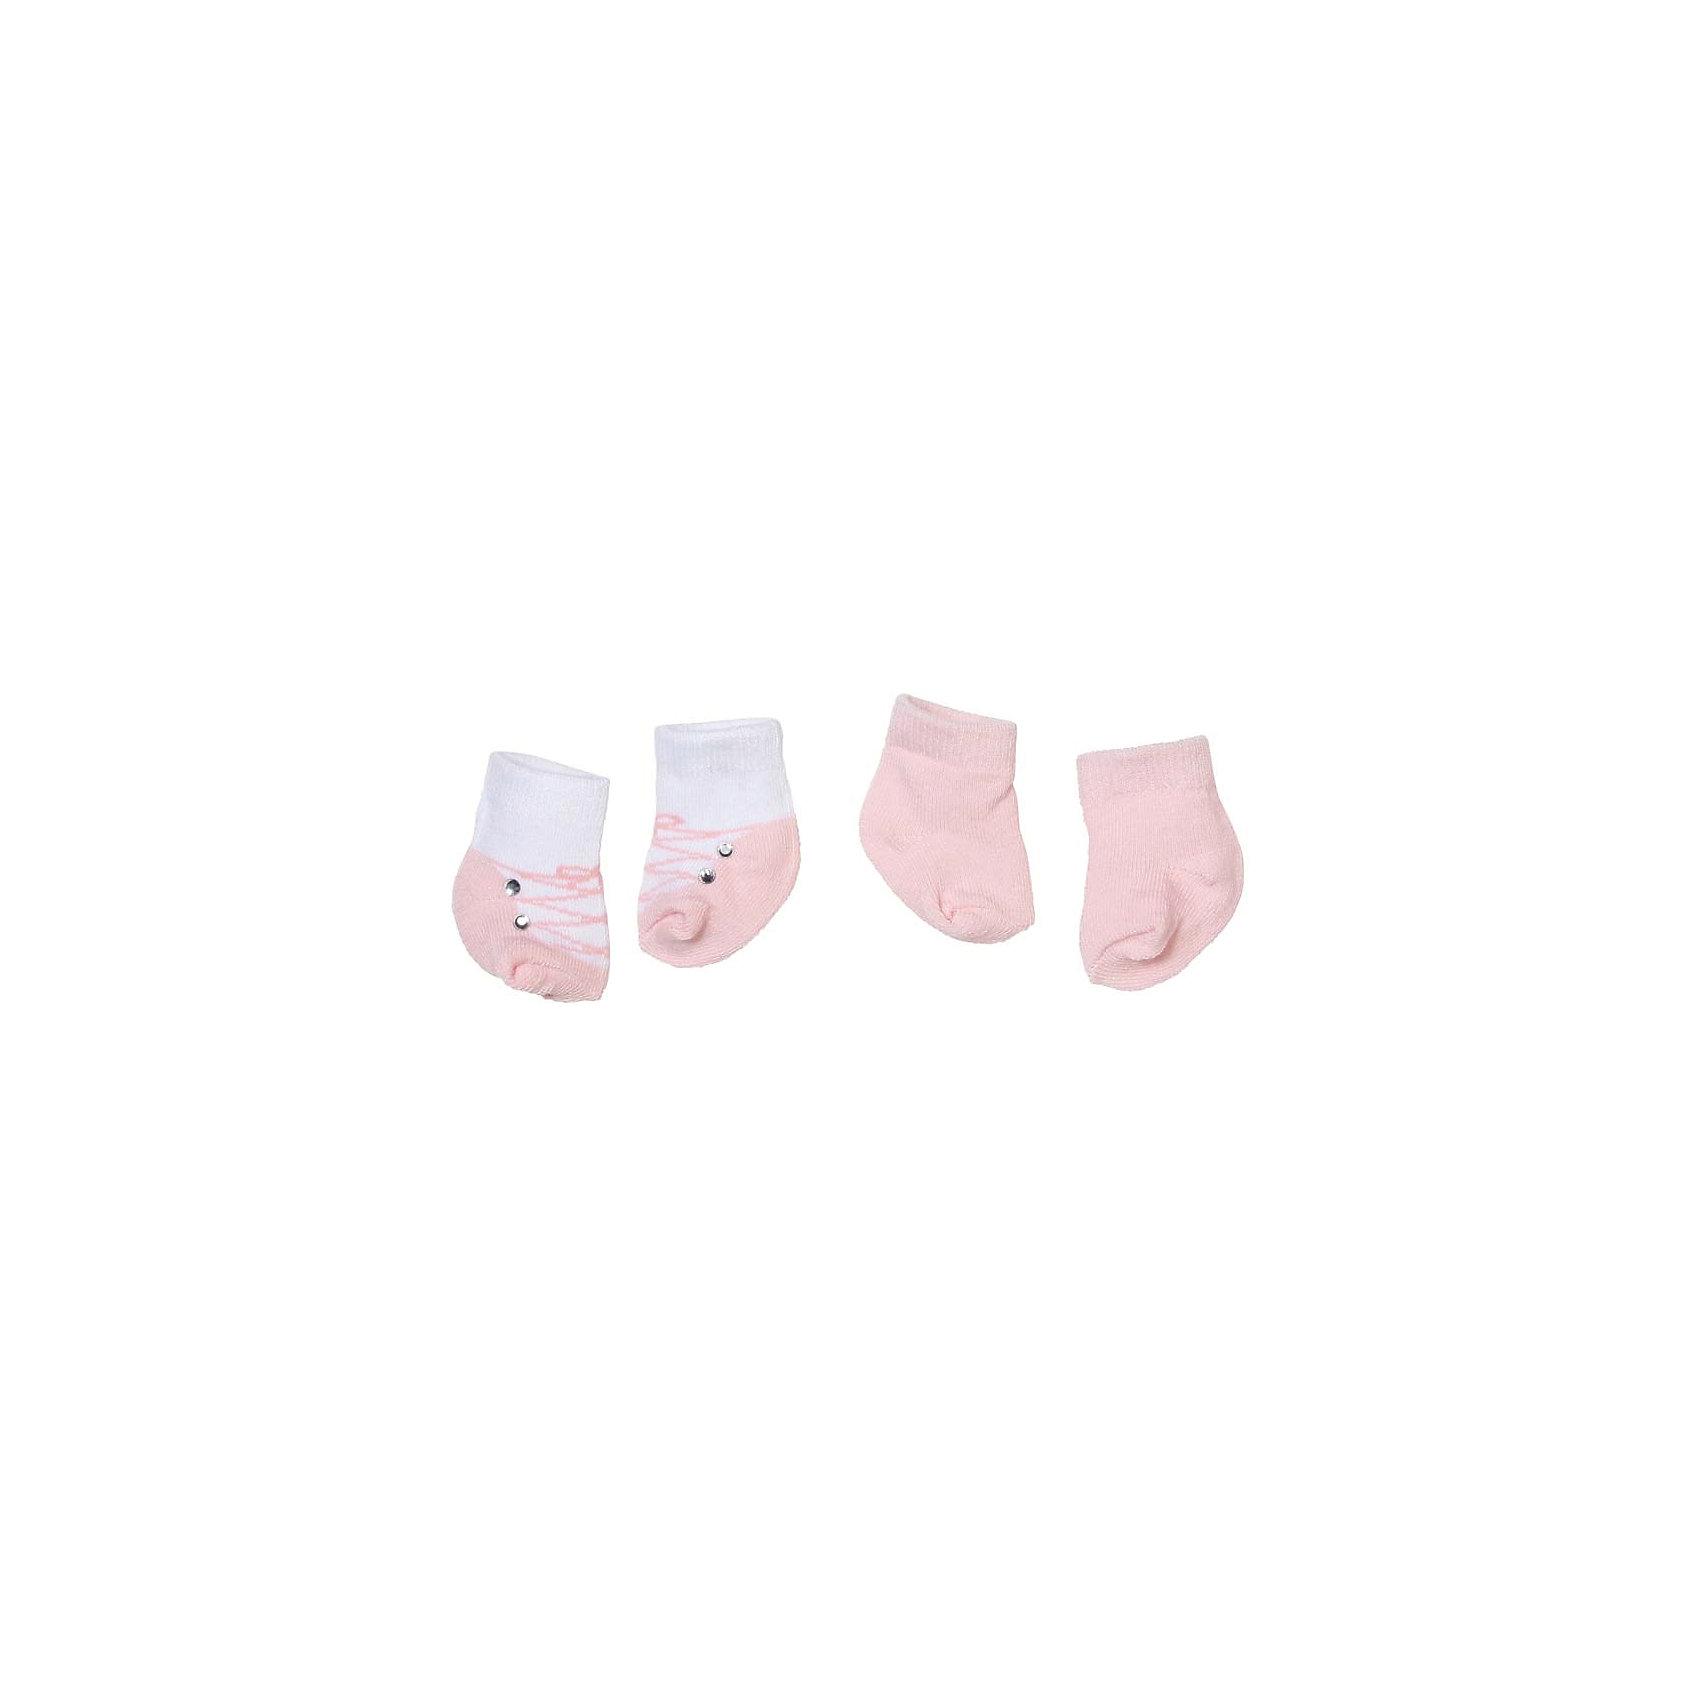 Носочки 2 пары, розовые, Baby AnnabellНосочки для куклы Baby Annabell, 2 пары.<br><br>Характеристики комплекта Zapf Creation:<br><br>• количество в упаковке: 2 пары;<br>• цвет: розовый и белый с розовым;<br>• особенность носочков: тянутся;<br>• носочки предназначены для кукол высотой 46 см;<br>• материал: мягкий текстиль;<br>• размер упаковки: 18х1х13 см;<br>• вес упаковки: 50 г.<br><br>Носочки 2 пары, розовые, Baby Annabell можно купить в нашем интернет-магазине.<br><br>Ширина мм: 130<br>Глубина мм: 180<br>Высота мм: 10<br>Вес г: 50<br>Возраст от месяцев: 36<br>Возраст до месяцев: 2147483647<br>Пол: Женский<br>Возраст: Детский<br>SKU: 5064301